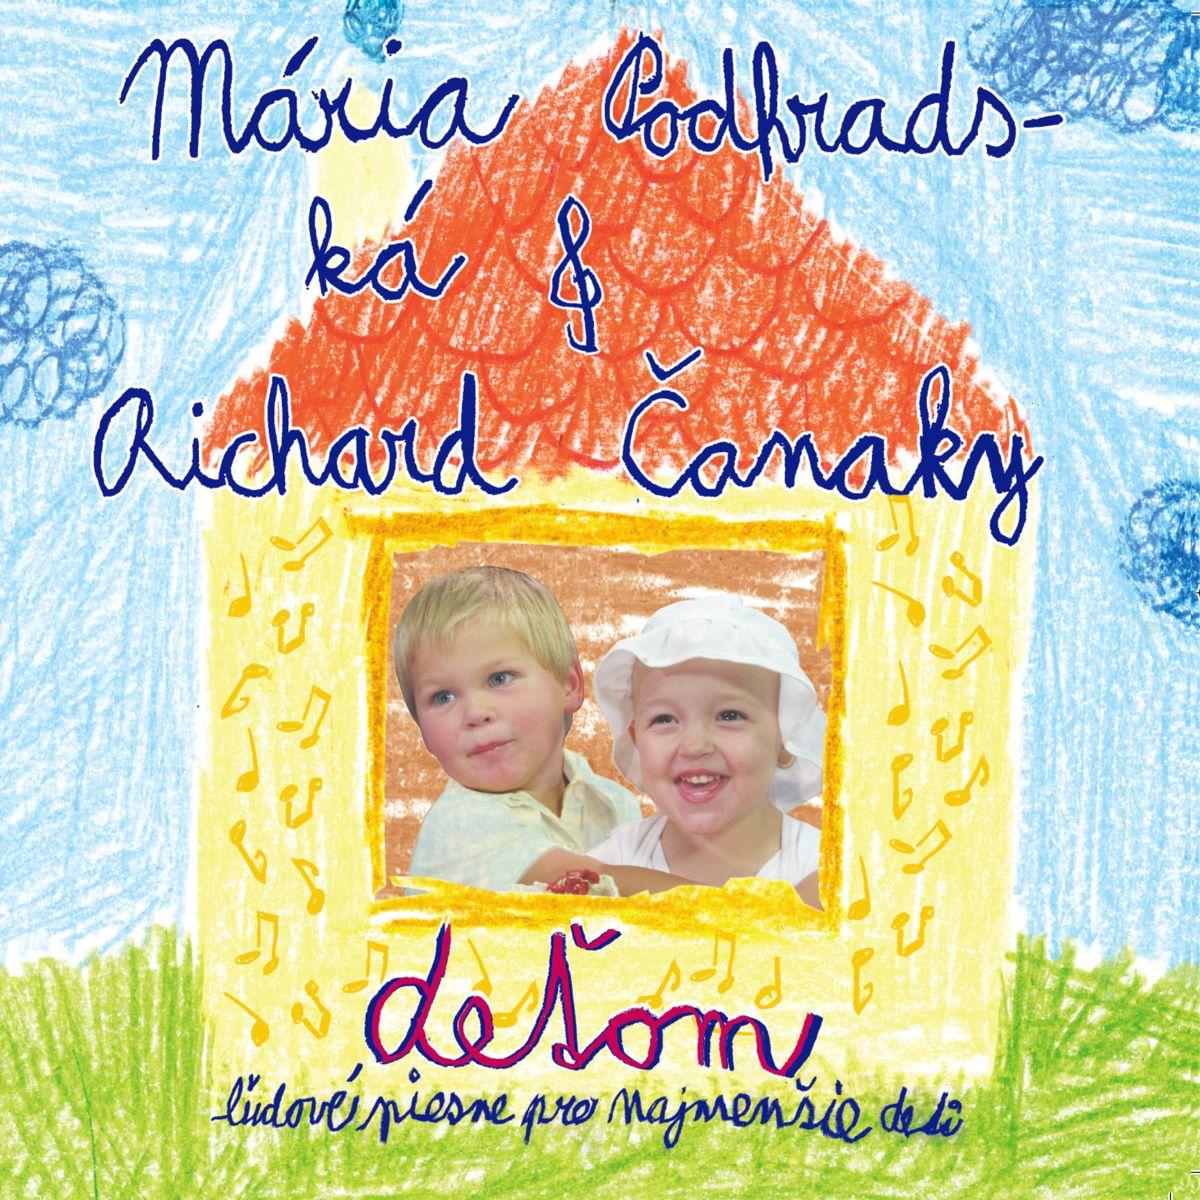 Mária Podhradská a Richard Čanaky - CD Deťom 1 - Ľudové piesne pre najmenšie deti